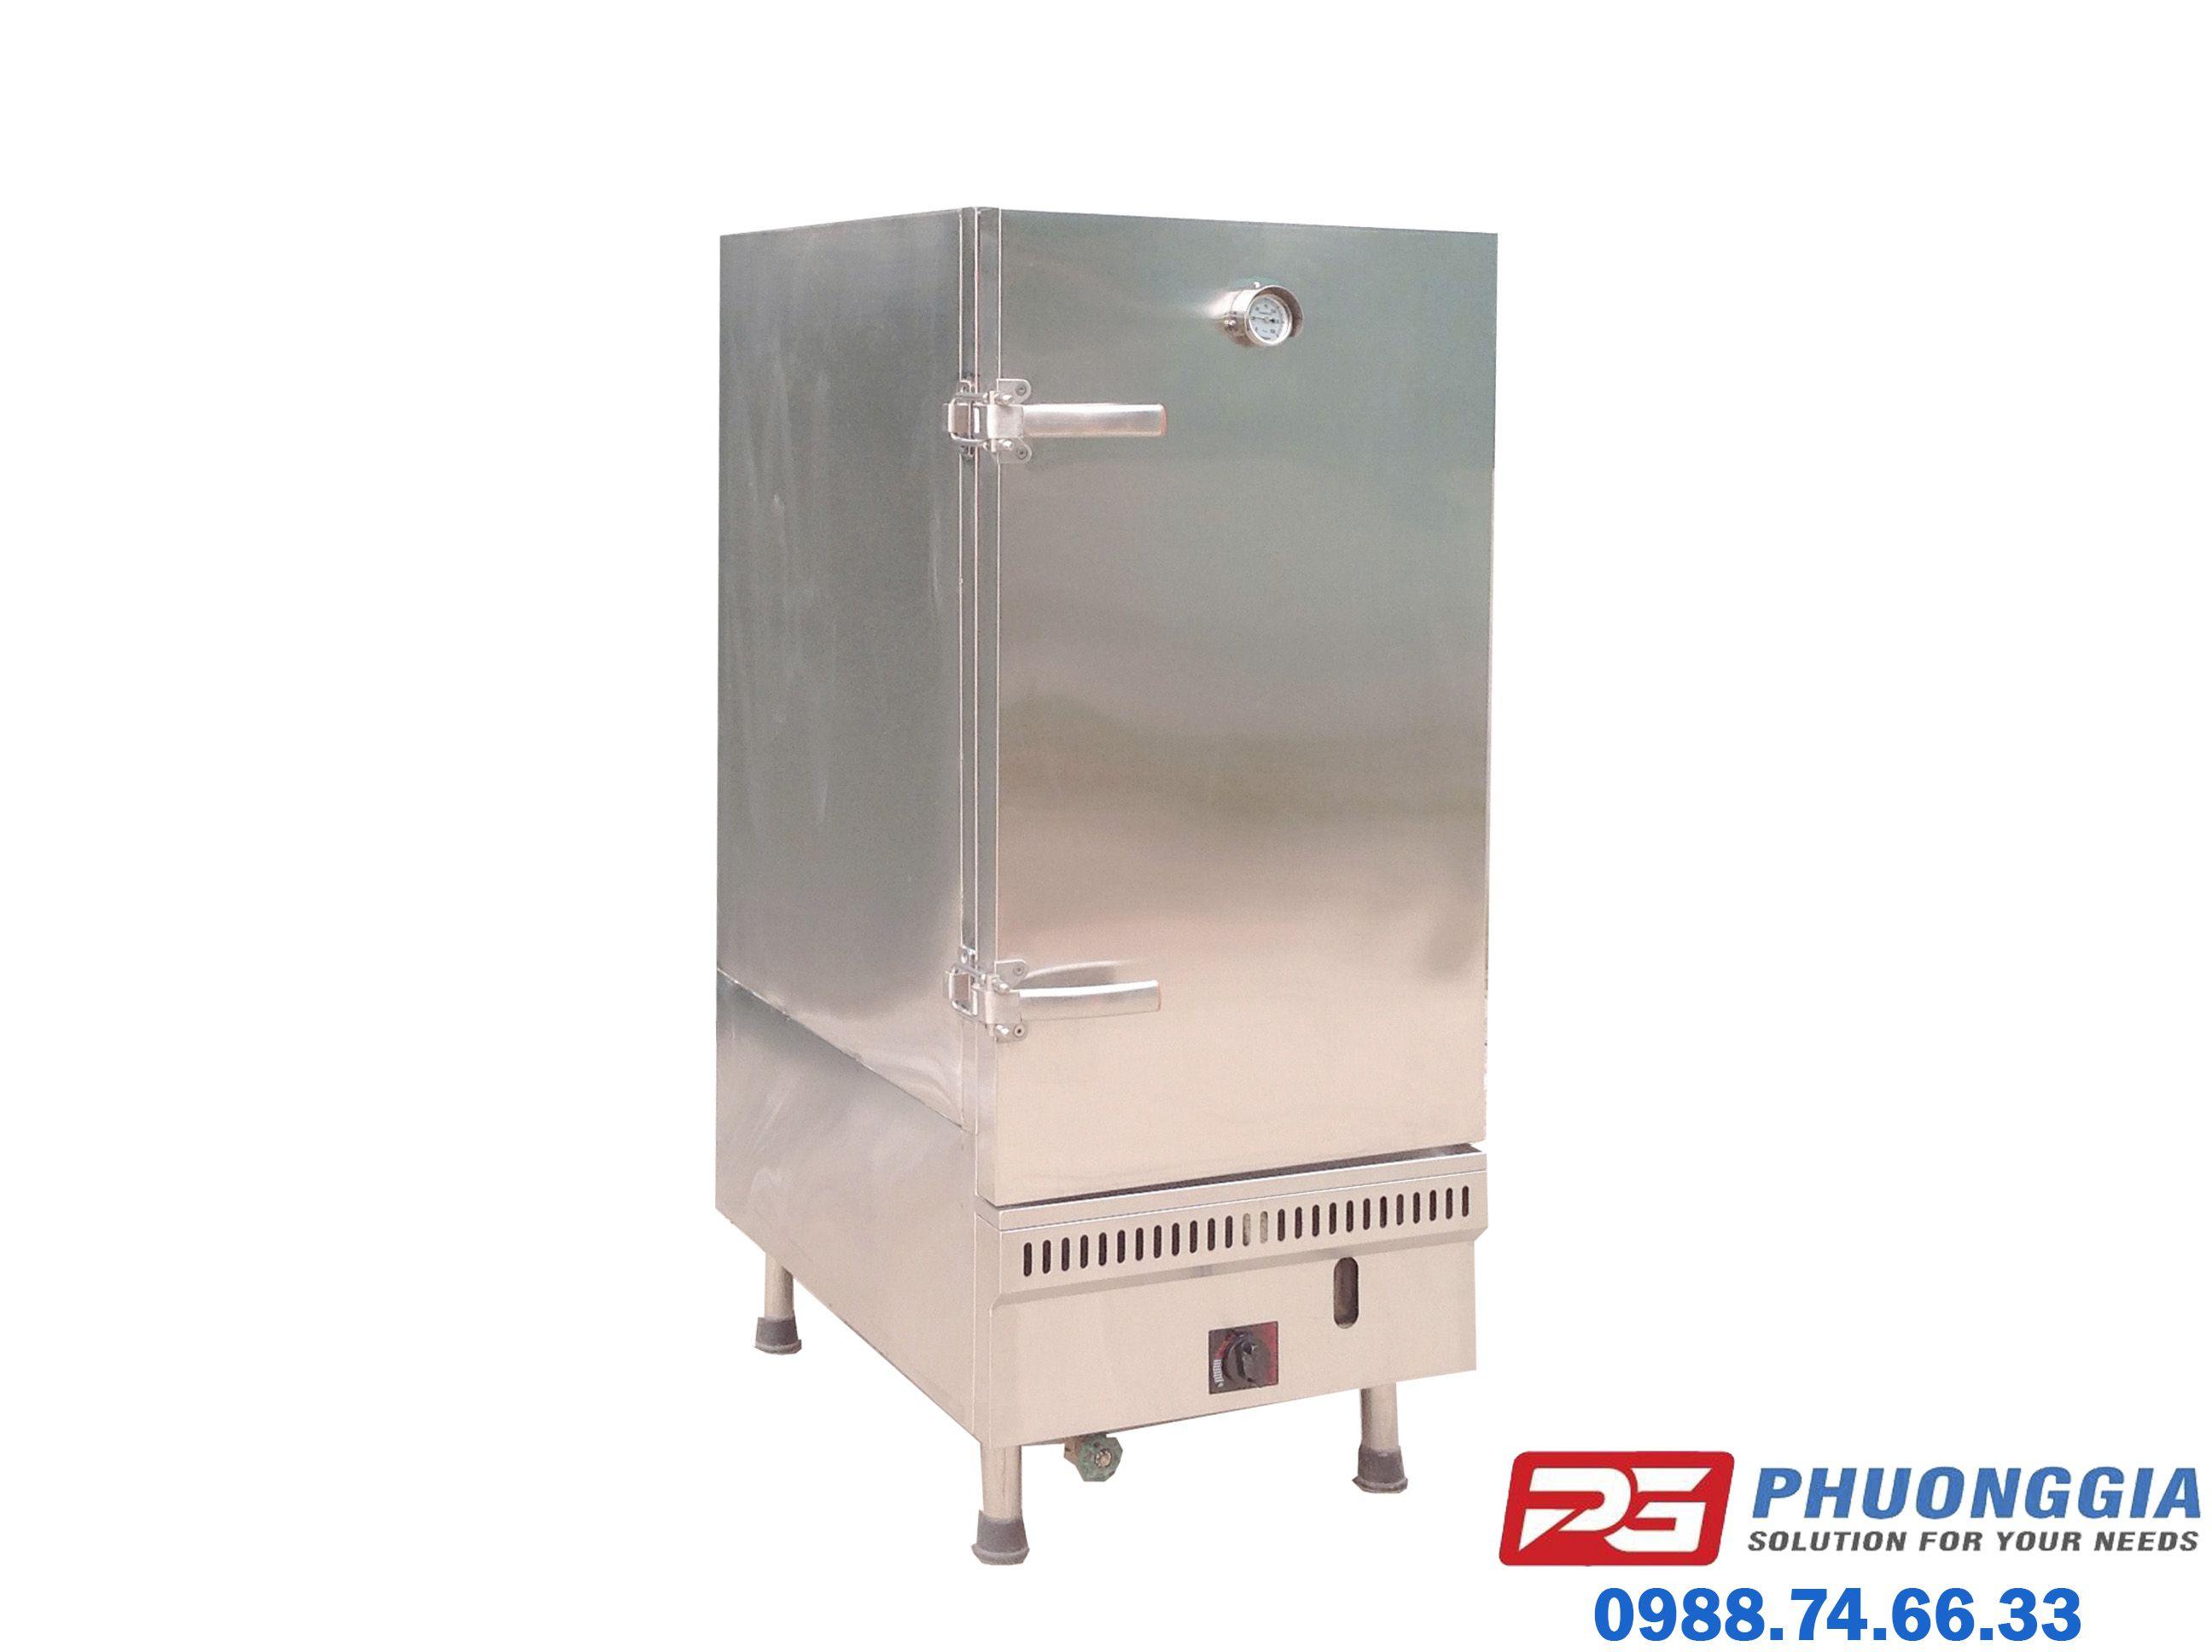 Tủ nấu cơm công nghiệp 20kg Phương Gia